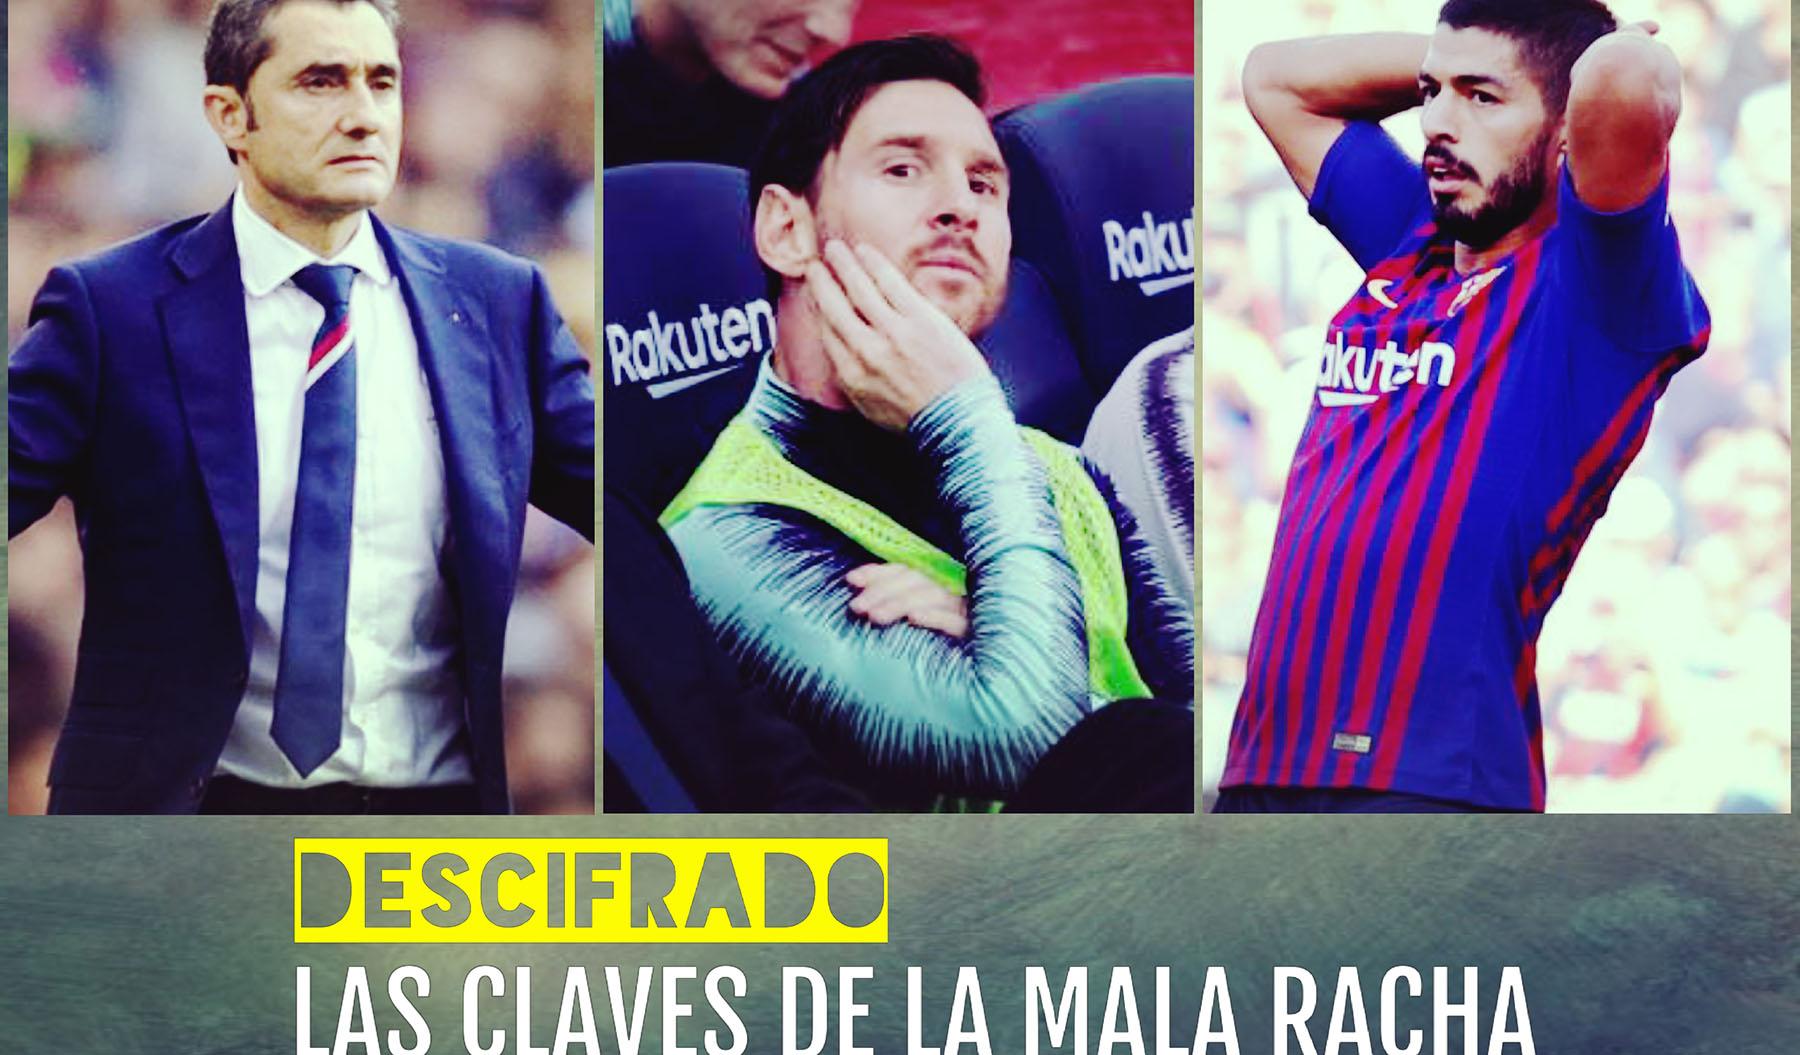 Descifrado: 3 razones de la mala racha del Barcelona